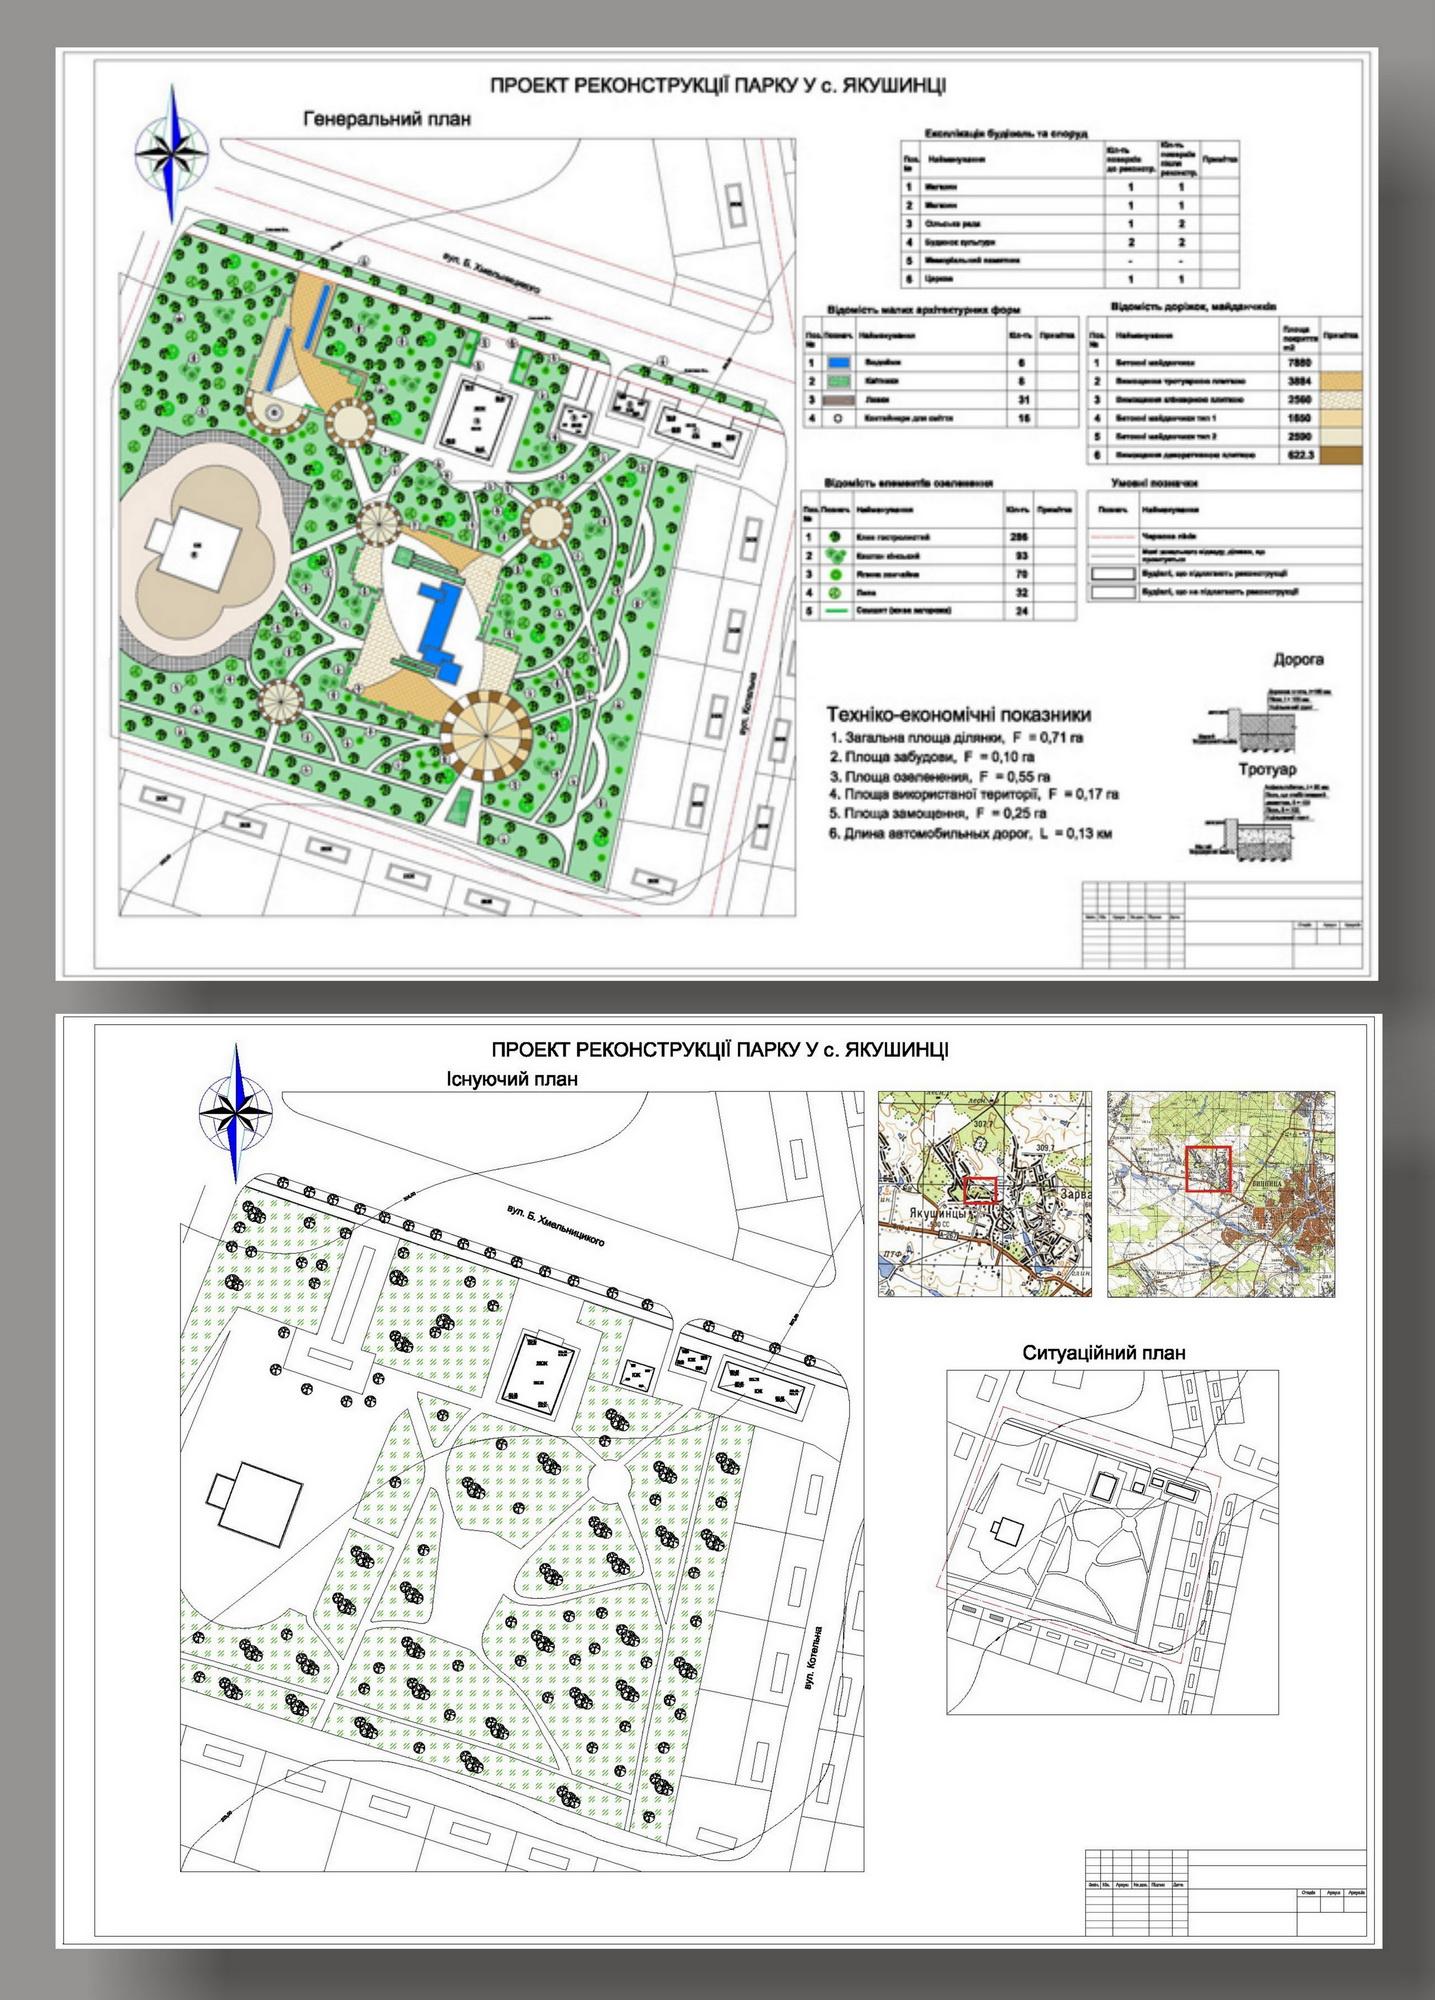 Фрилансер olga k архитектурные проекты векторная графика Киев  Реконструкция парка курсовой